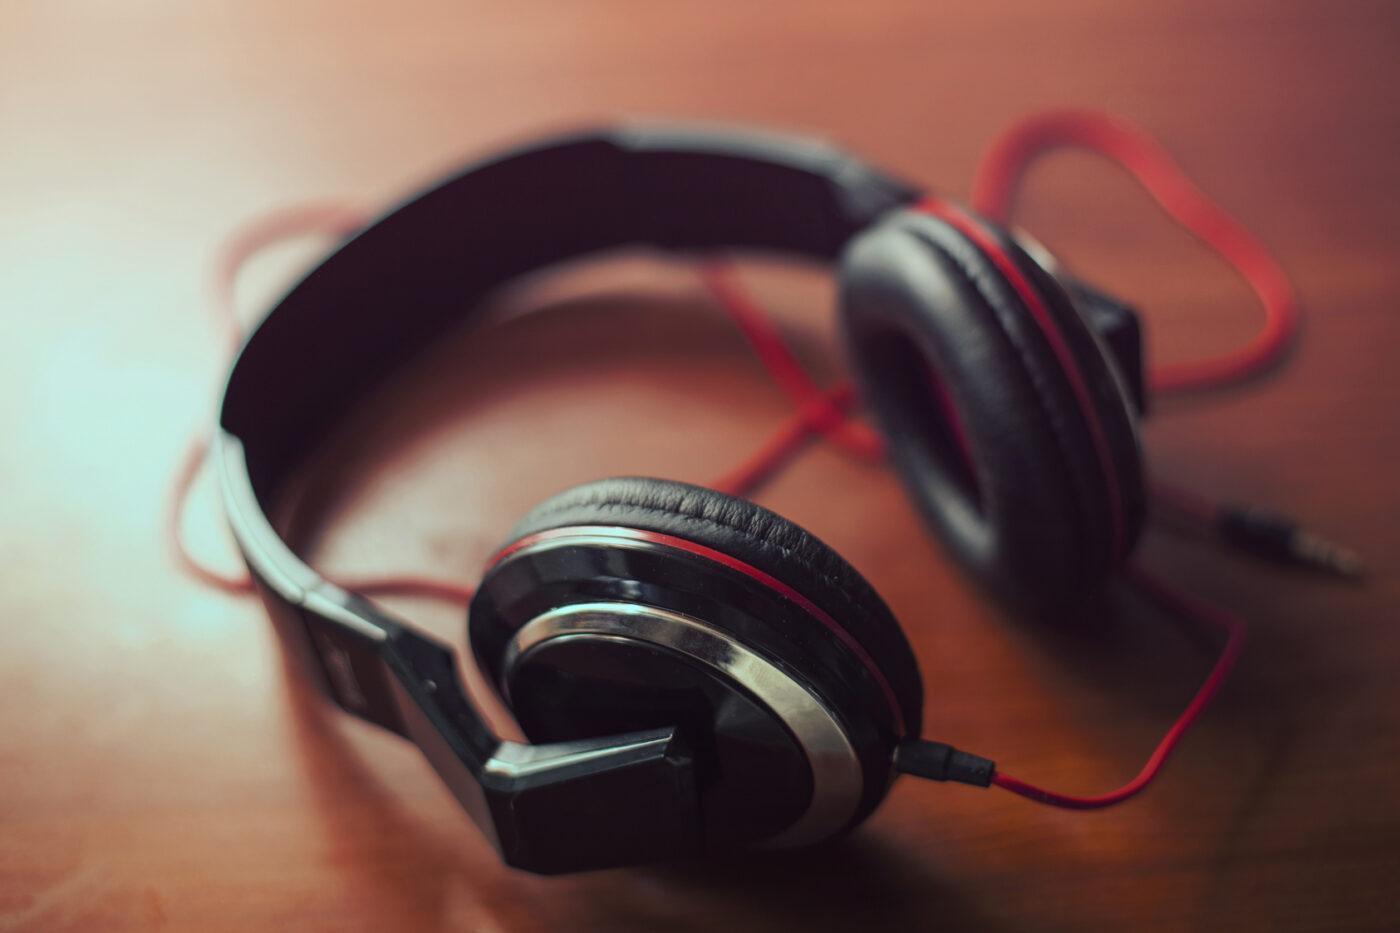 Música-boa-nunca-fica-velha